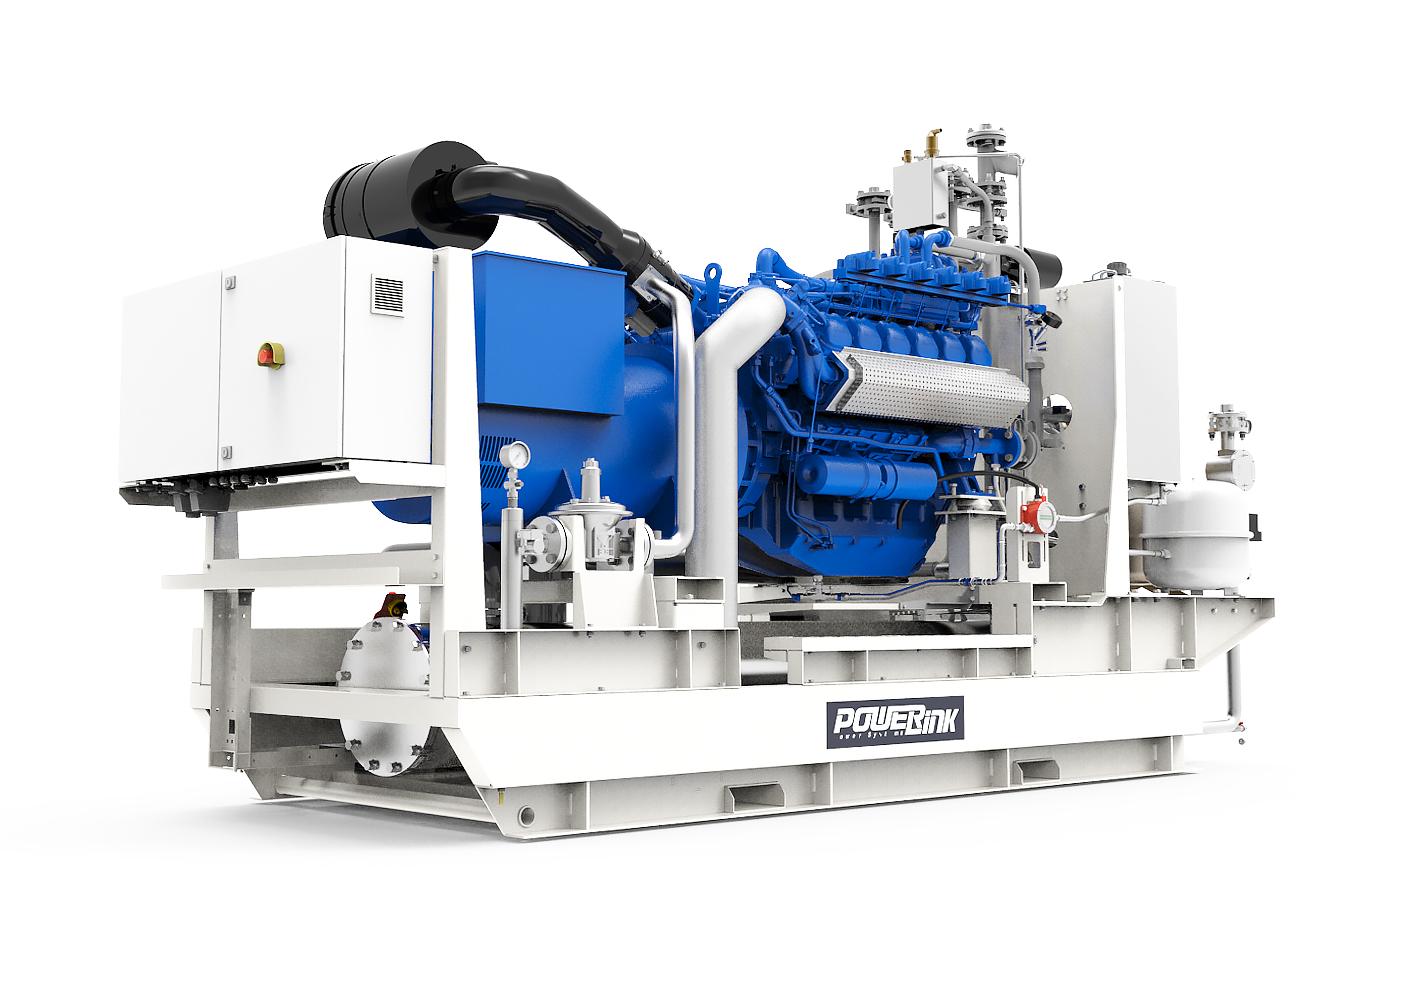 Газопоршневая электростанция (ГПУ) PowerLink CG520S-NG